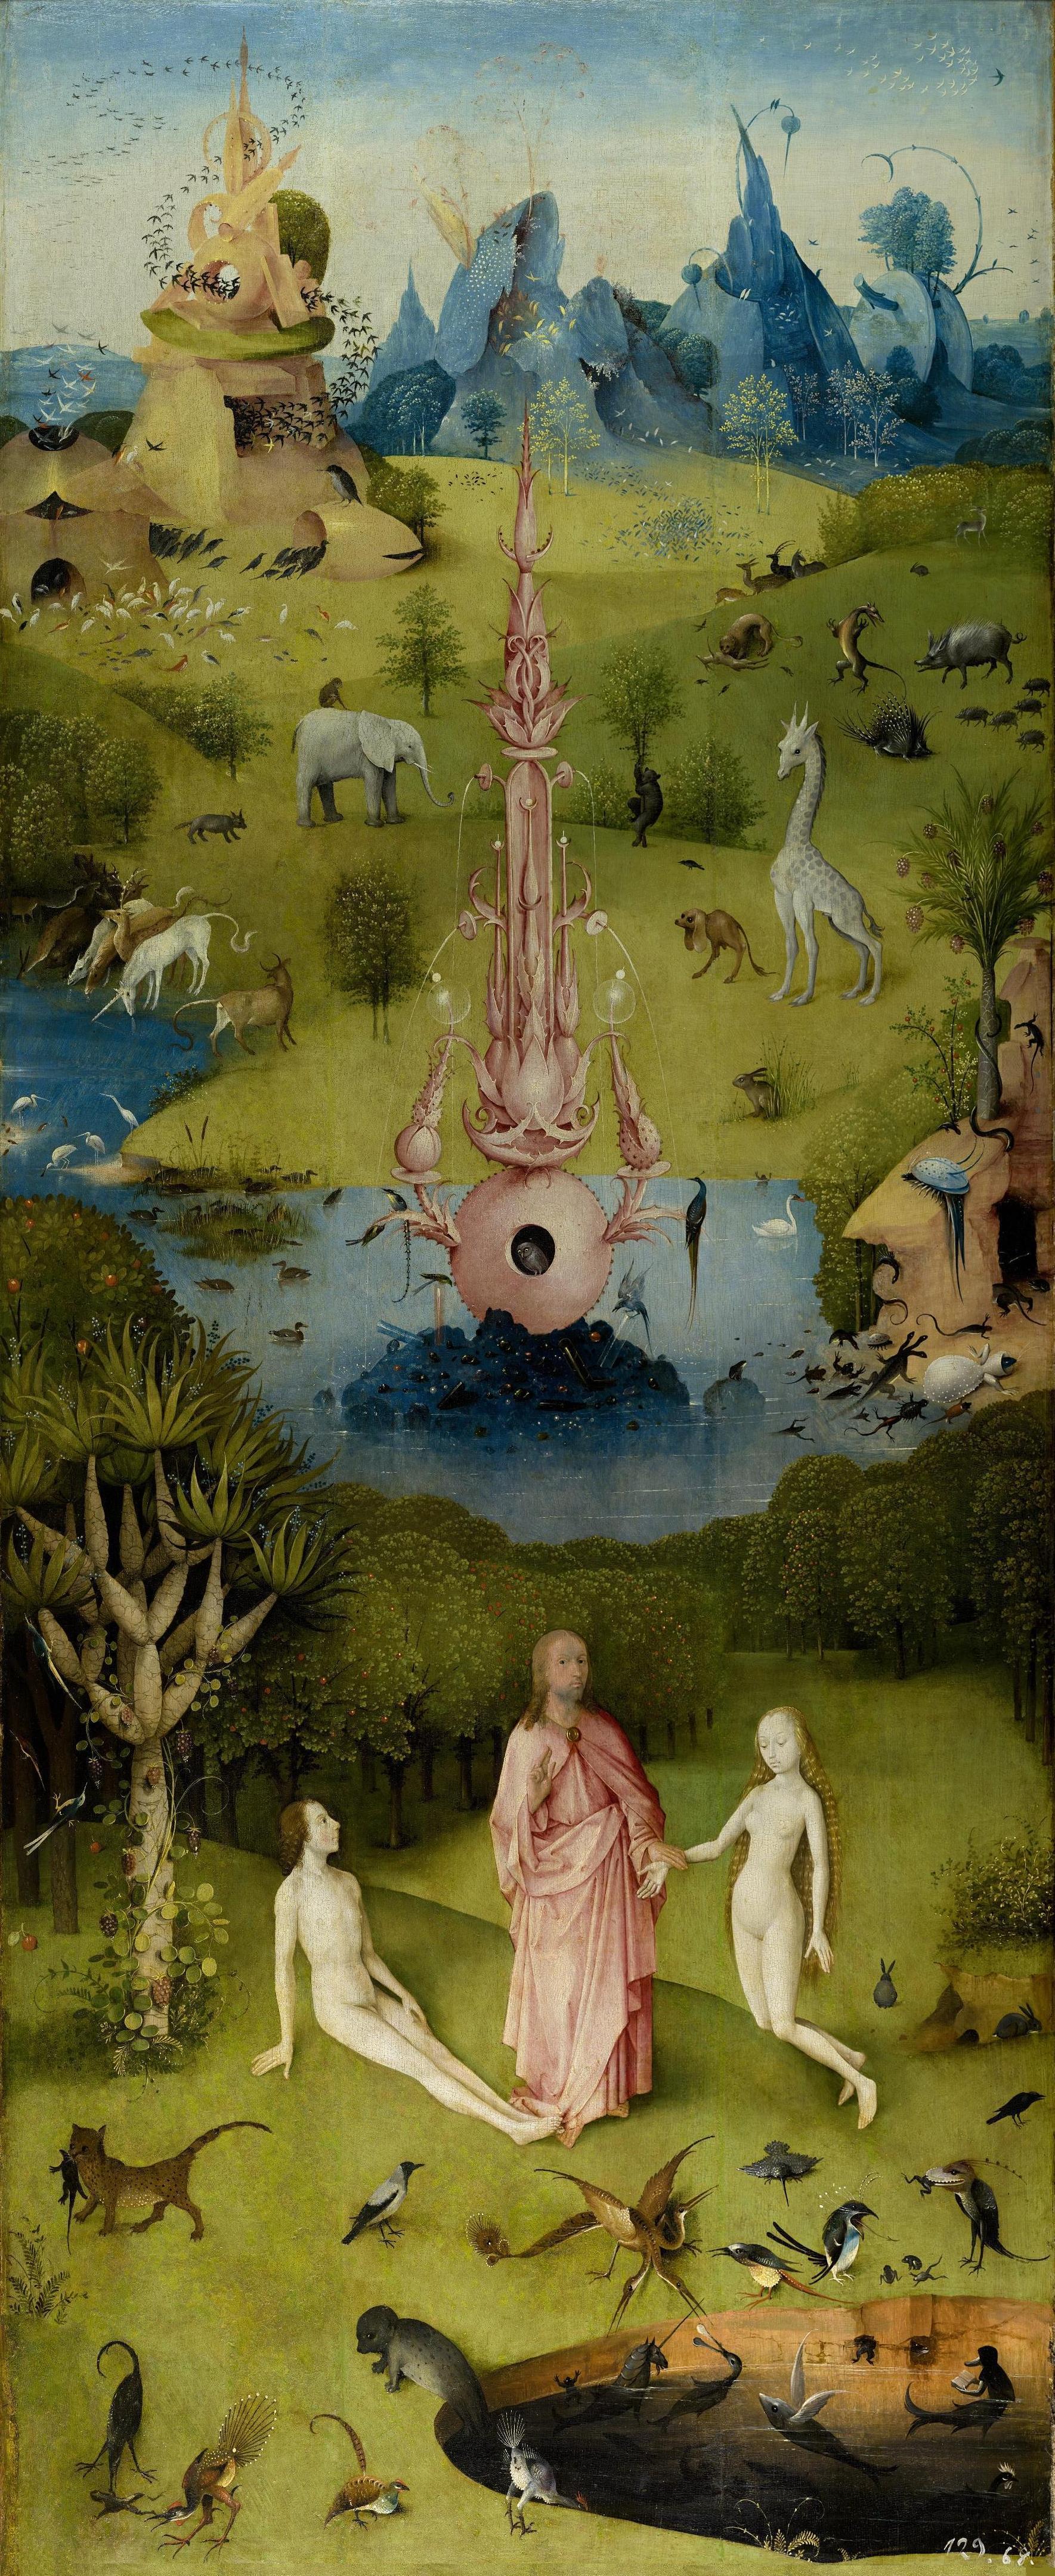 Le jardin des délices terrestres, Jérôme Bosch, peint entre 1480 et 1505